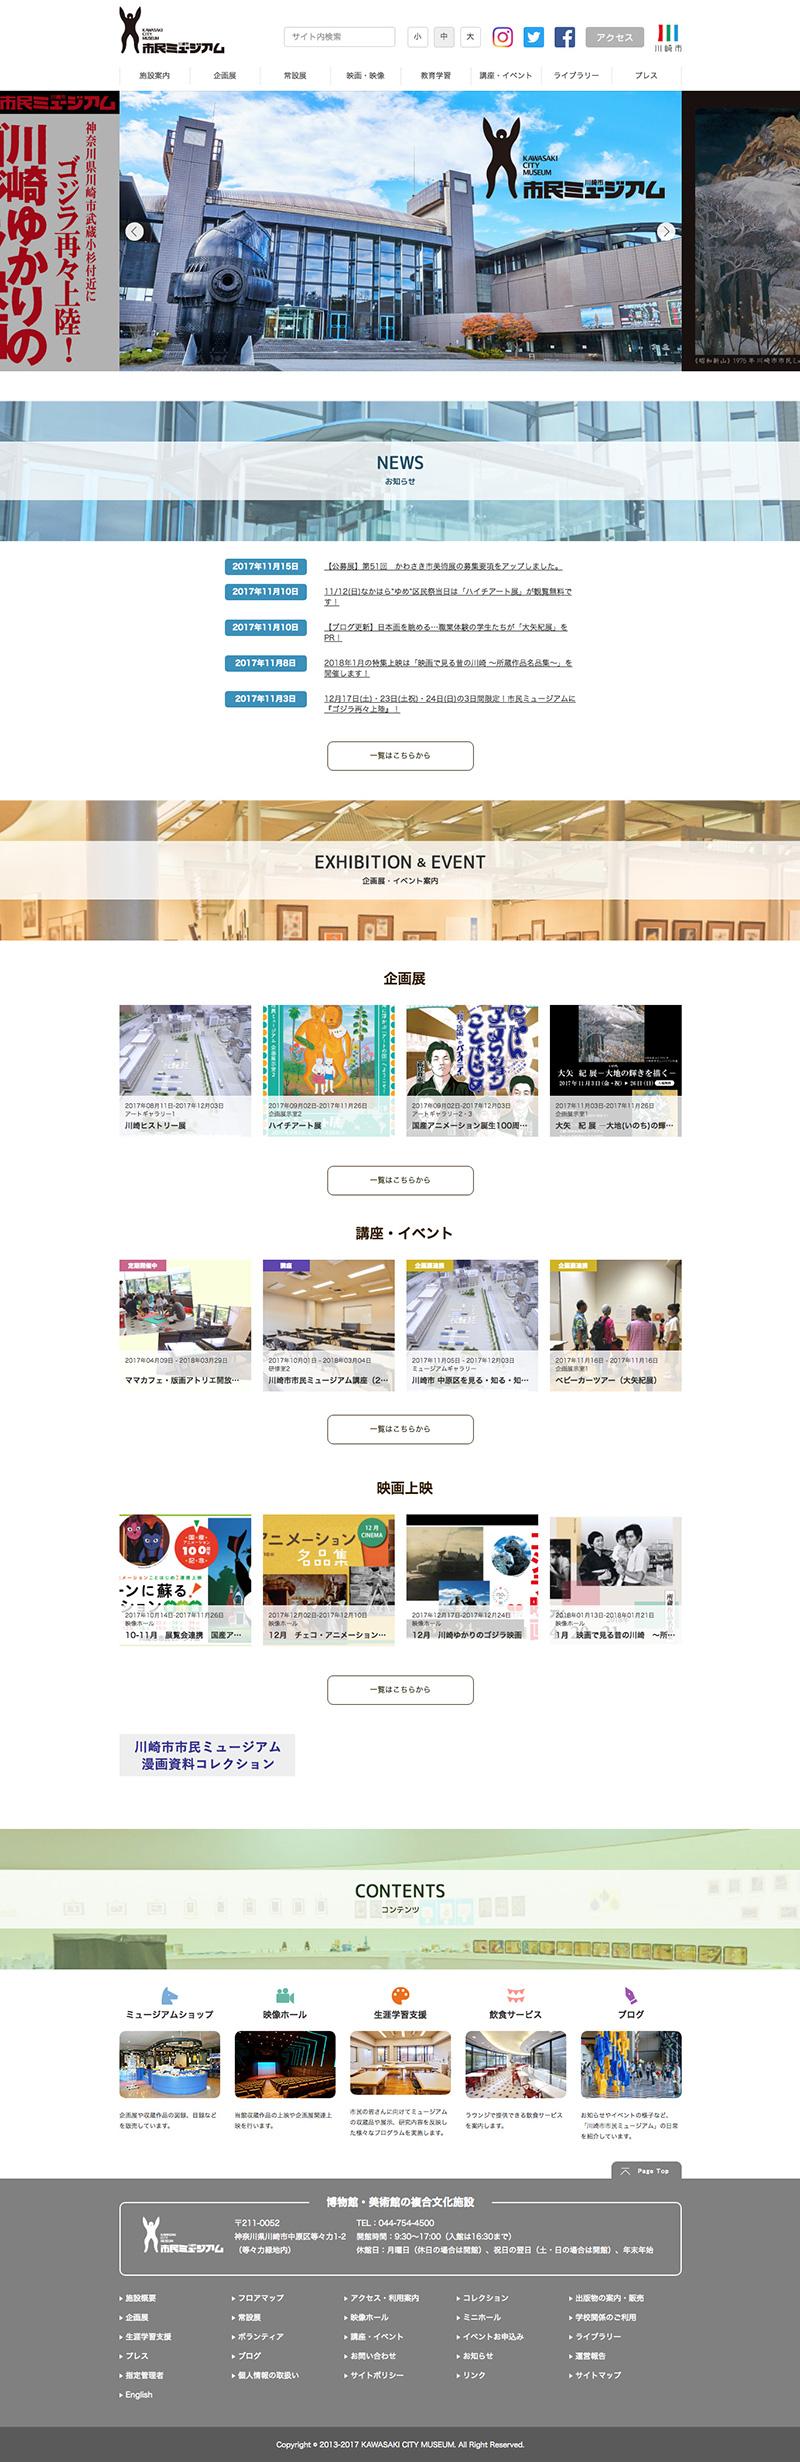 川崎市市民ミュージアム オフィシャルサイト